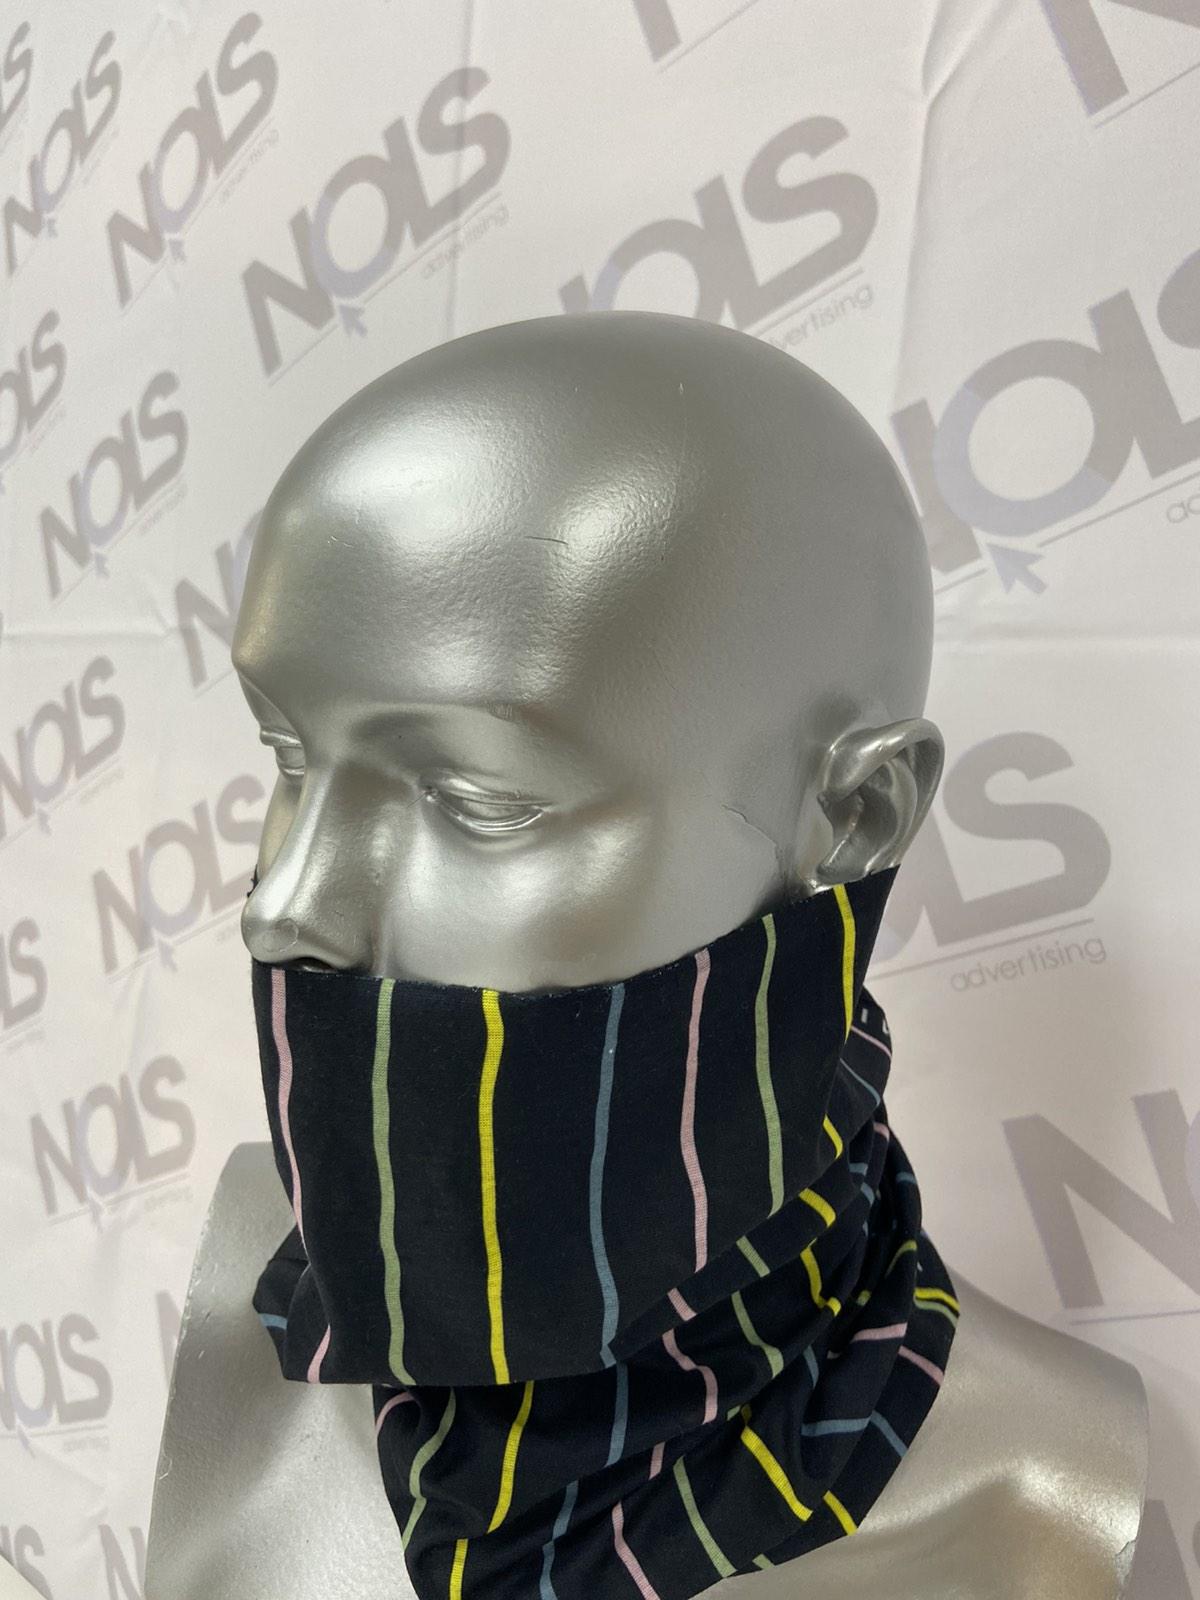 бандани,кърпи за глава, buff, маска бандана, мъжка кърпа за врат